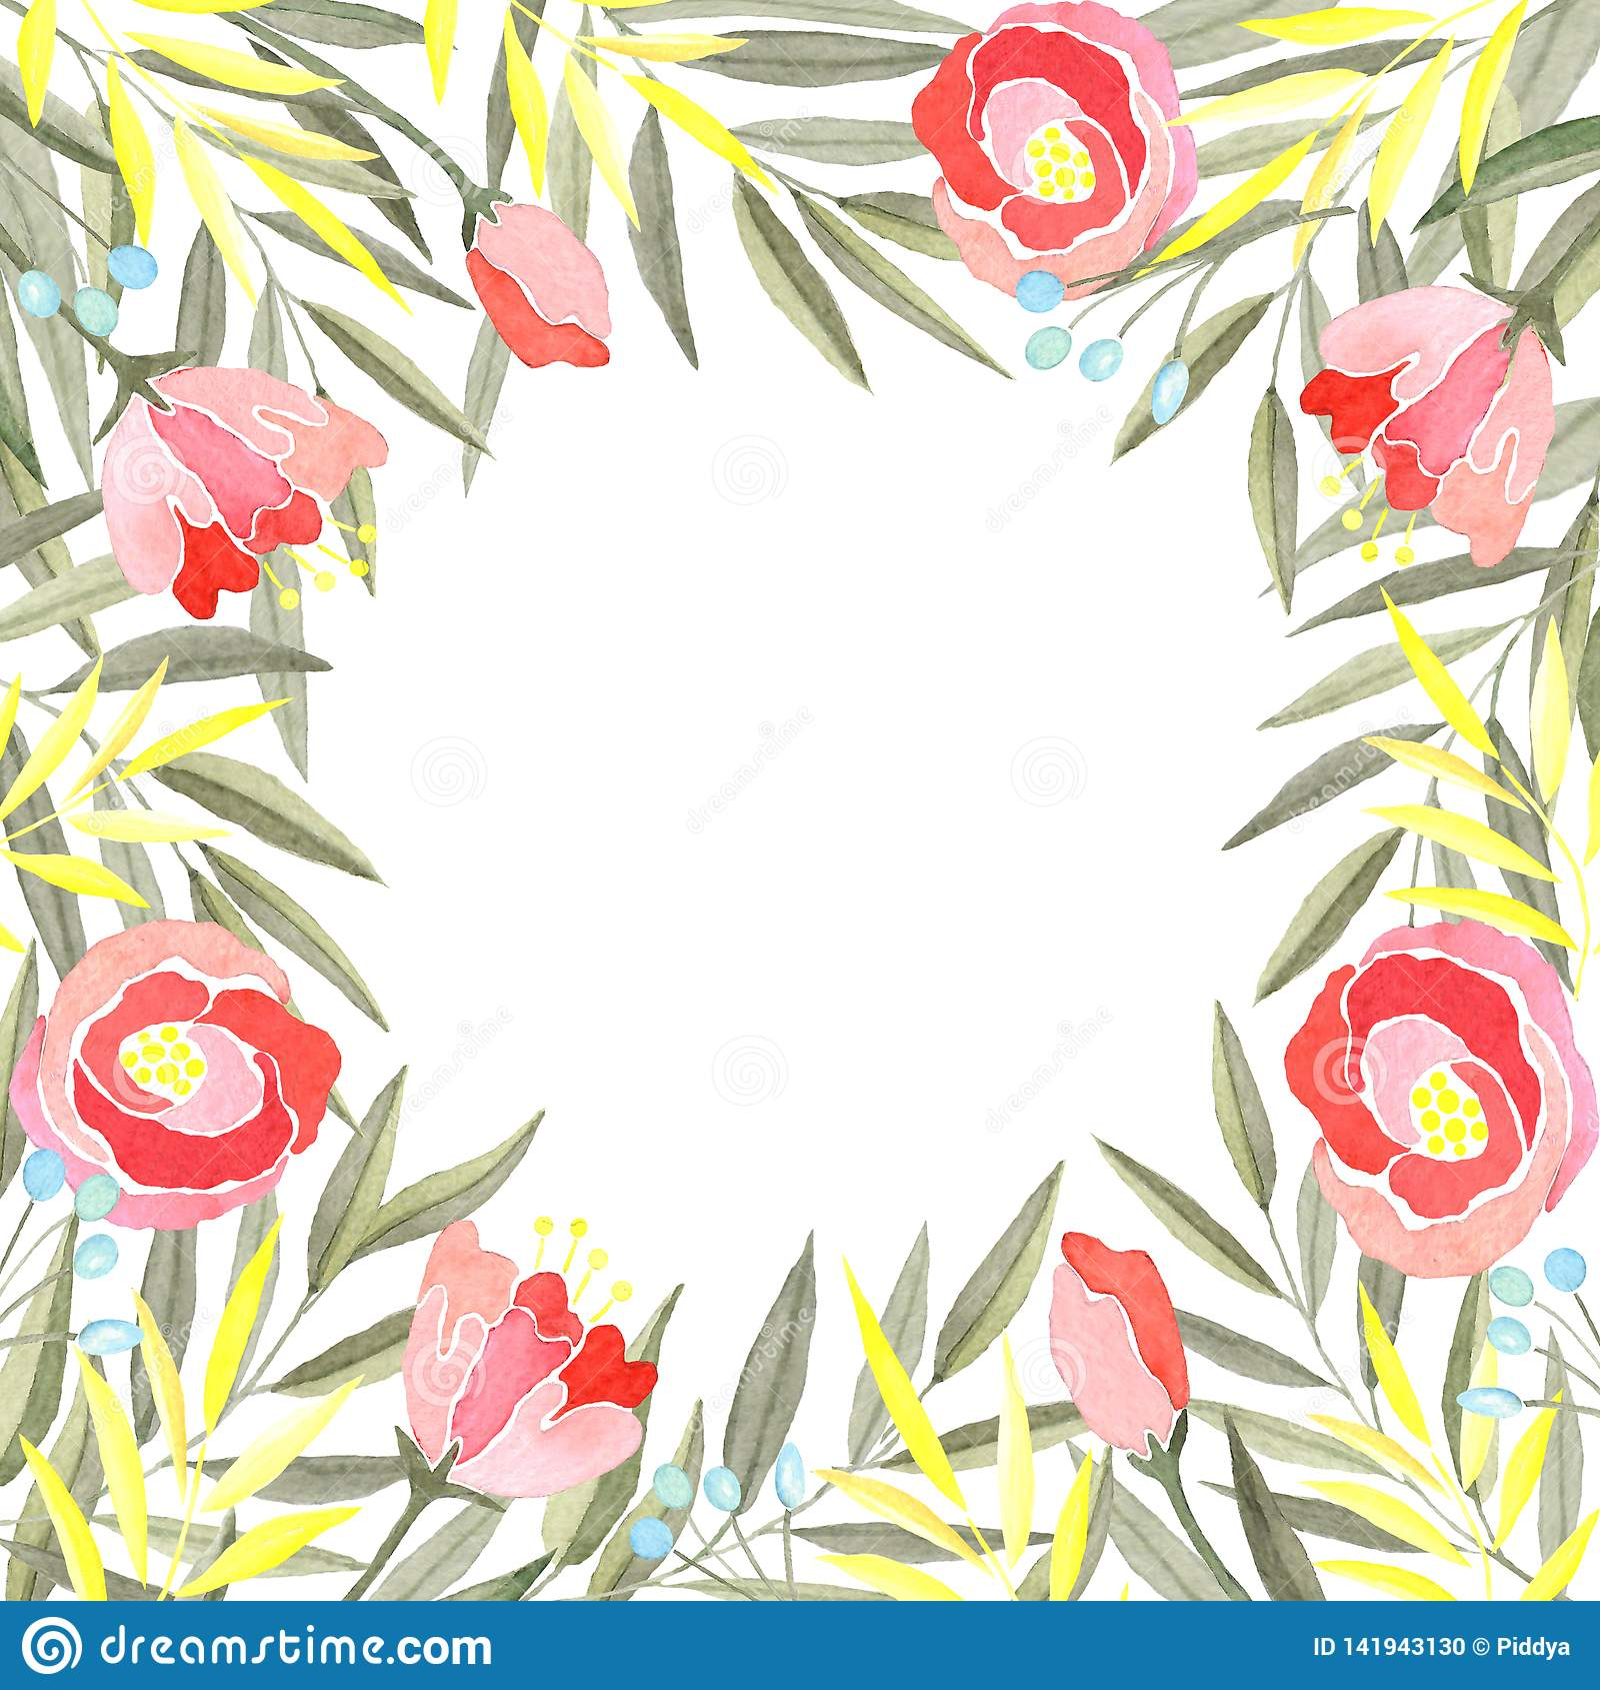 Πλαίσιο Watercolor των κλάδων με τα πράσινα και κίτρινα φύλλα, τα λουλούδια και τα μούρα